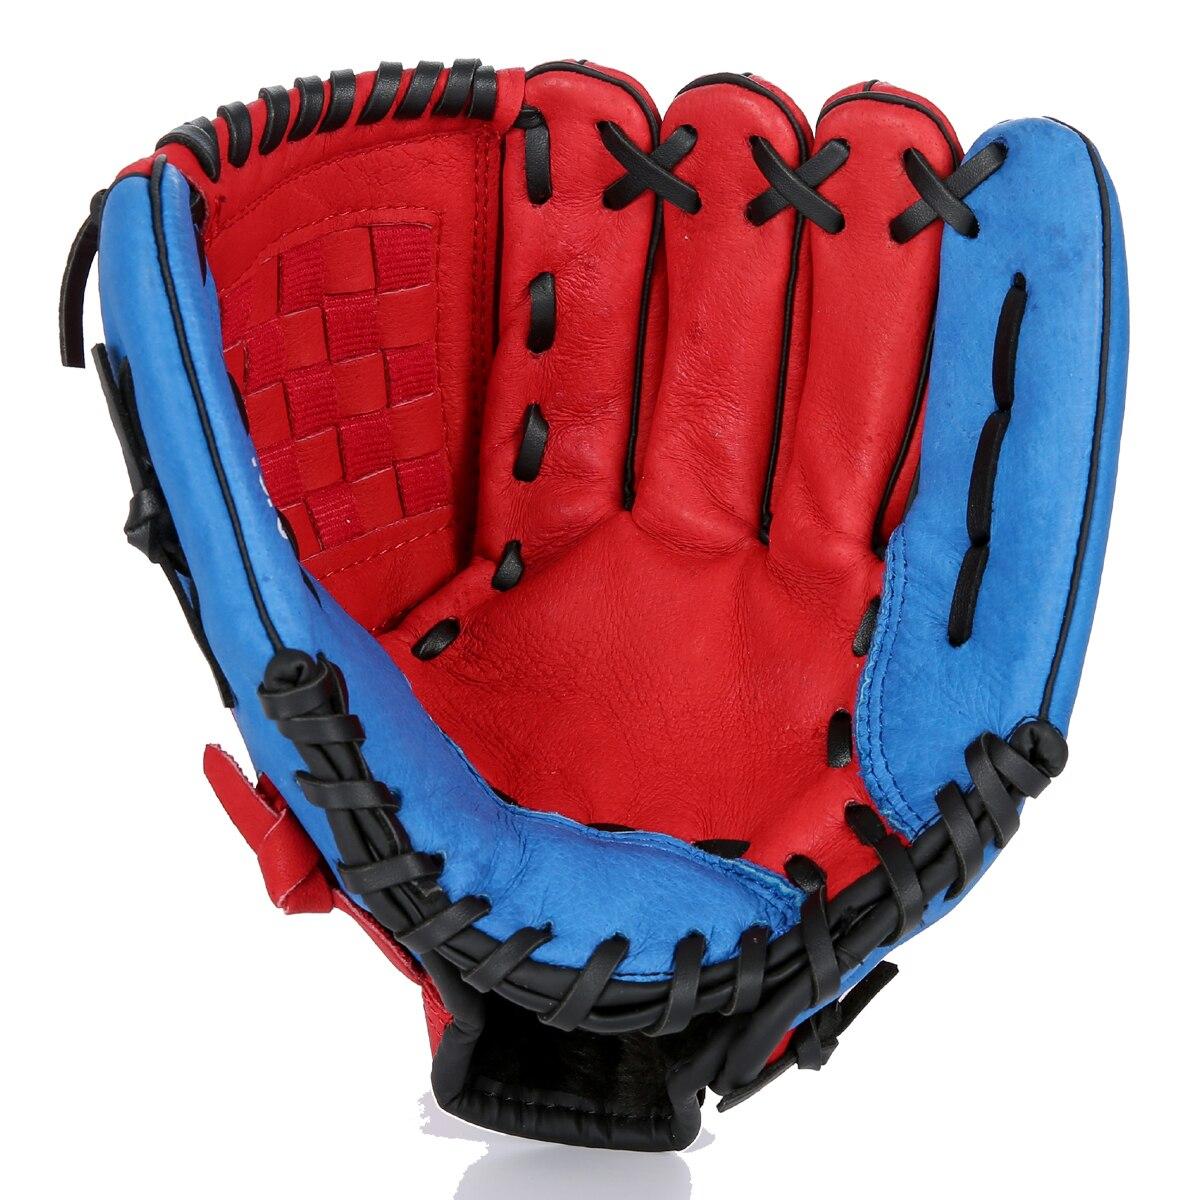 Baseball Batting Gloves Men Kids Leather Right Baseball Glove Softball Practice Hand Beisbolera Sports Entertainment BJ50ST